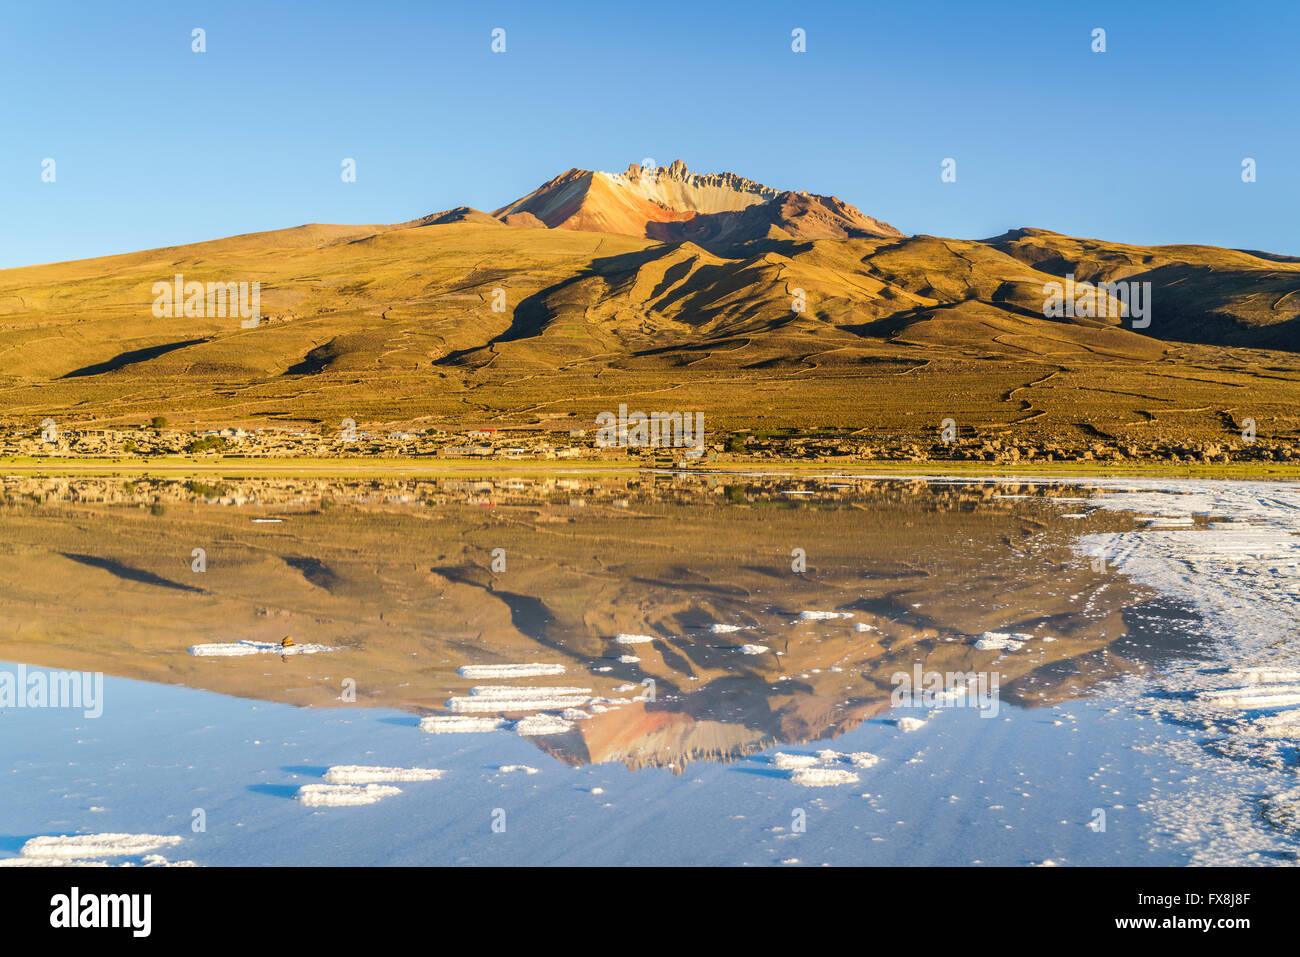 Volcán inactivo y Coqueza Village en el Salar de Uyuni en Bolivia Imagen De Stock